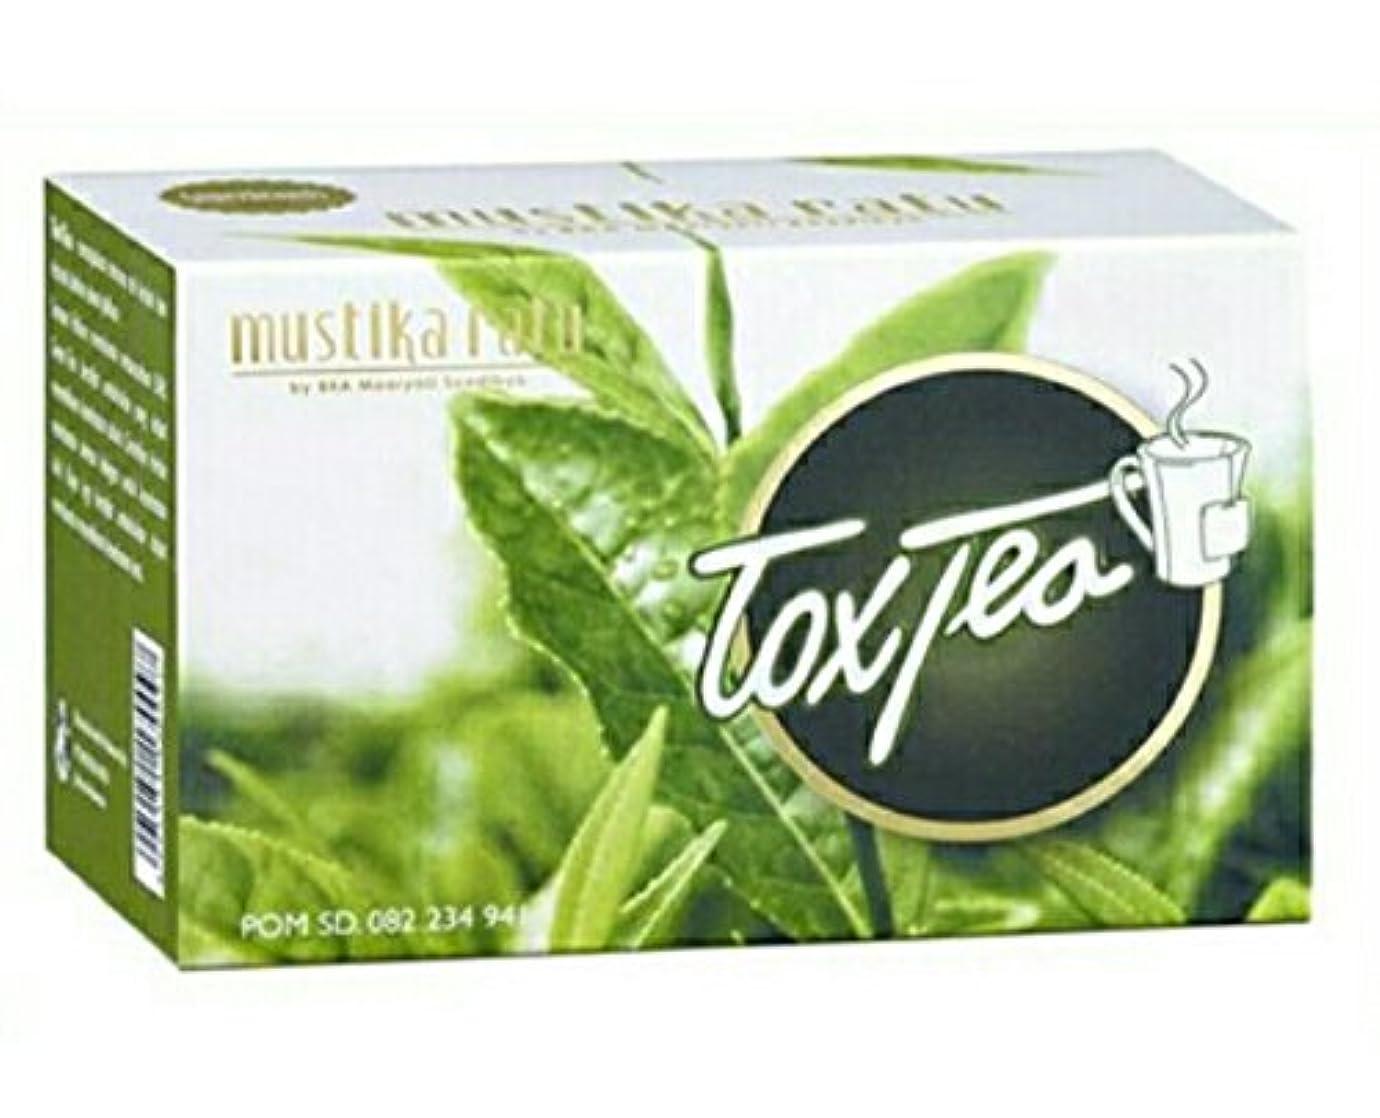 産地ティッシュインフラMustika ratu Tea ムスティカラトゥトックスティー3箱x 15個のティーバッグ= 45個のティーバッグ